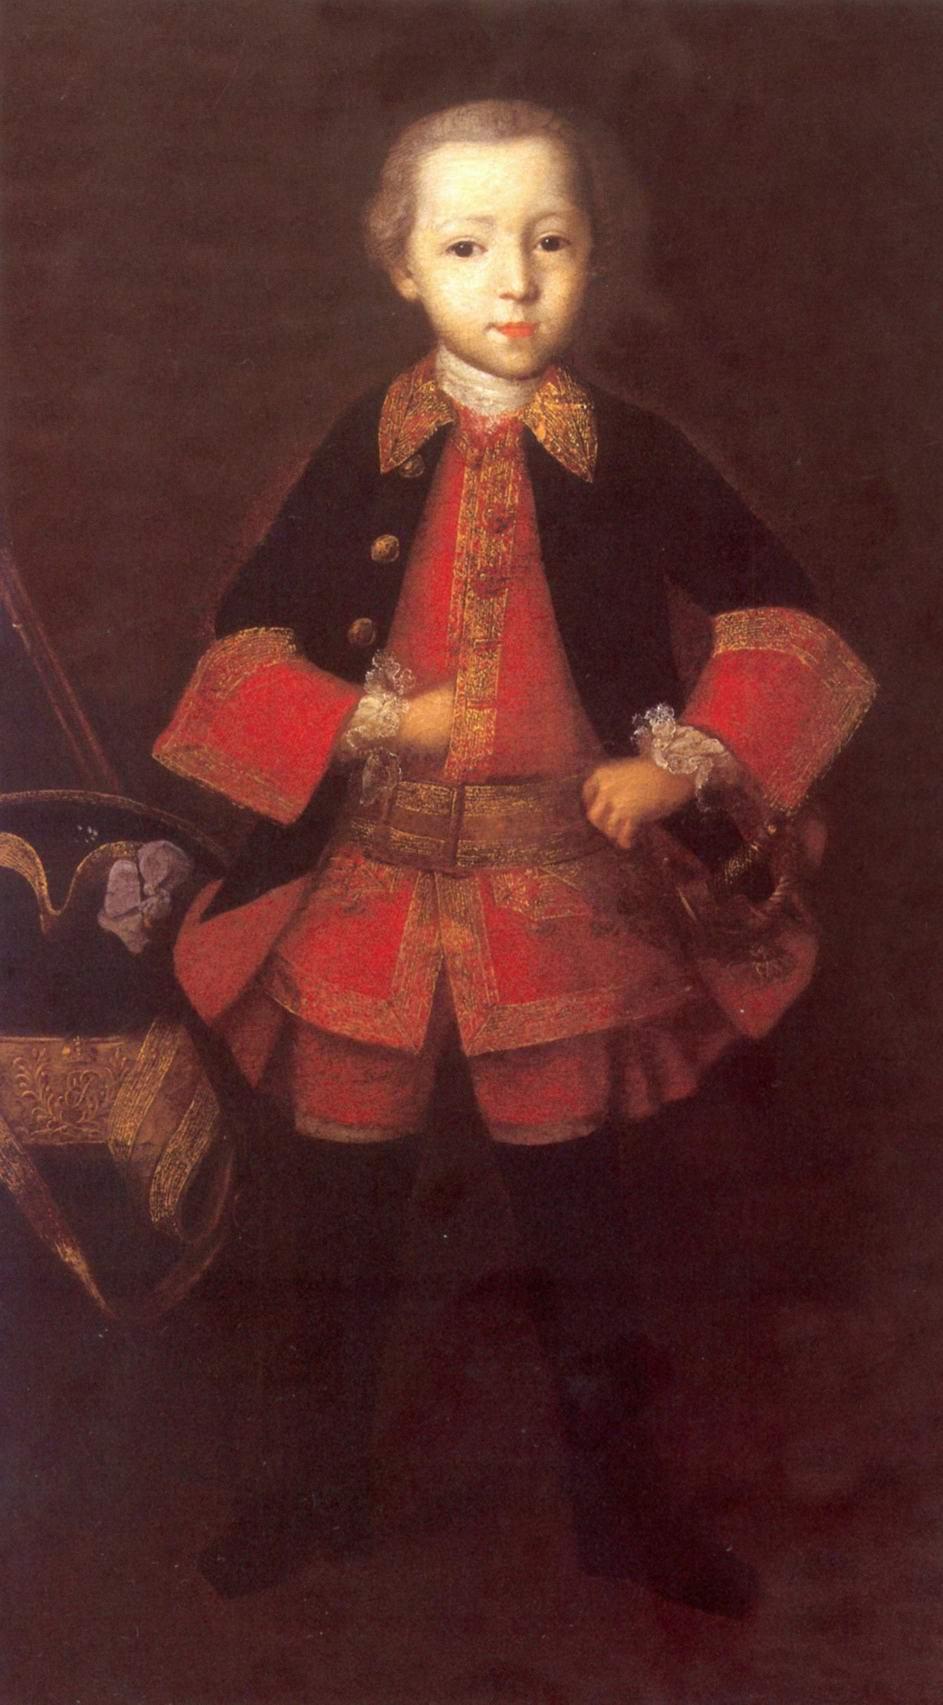 Портрет князя Фёдора Николаевича Голицына в детстве, Вишняков Иван Яковлевич